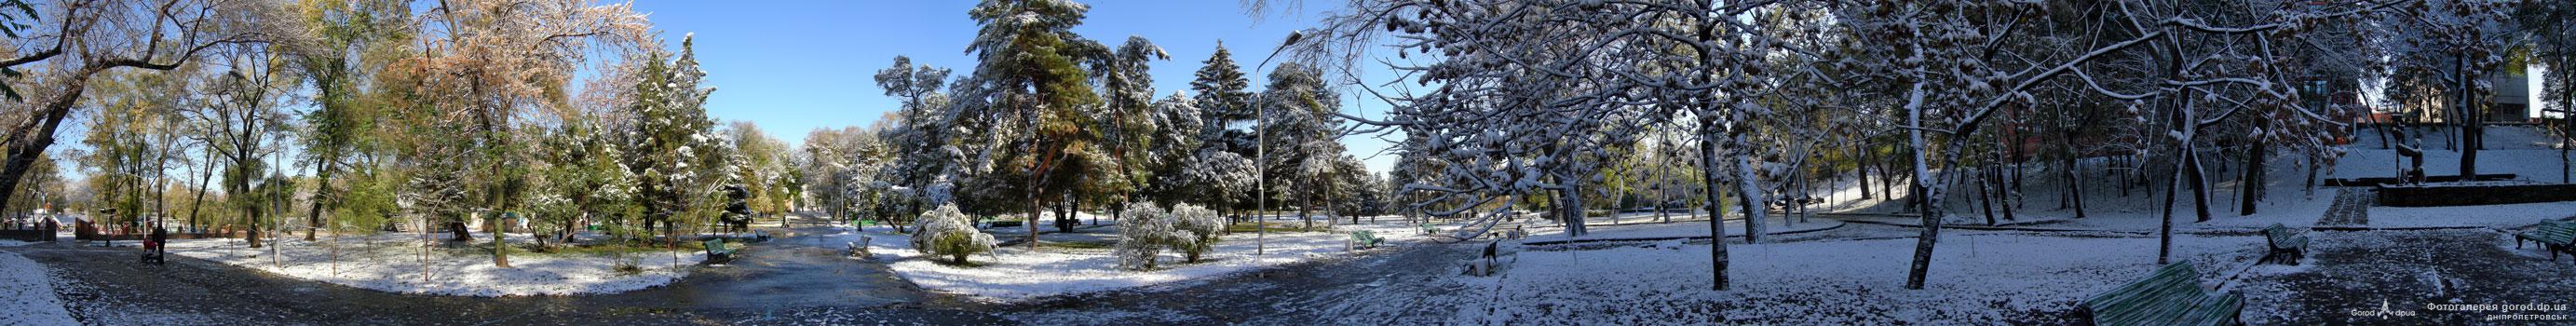 Первый снег. Парк Глобы